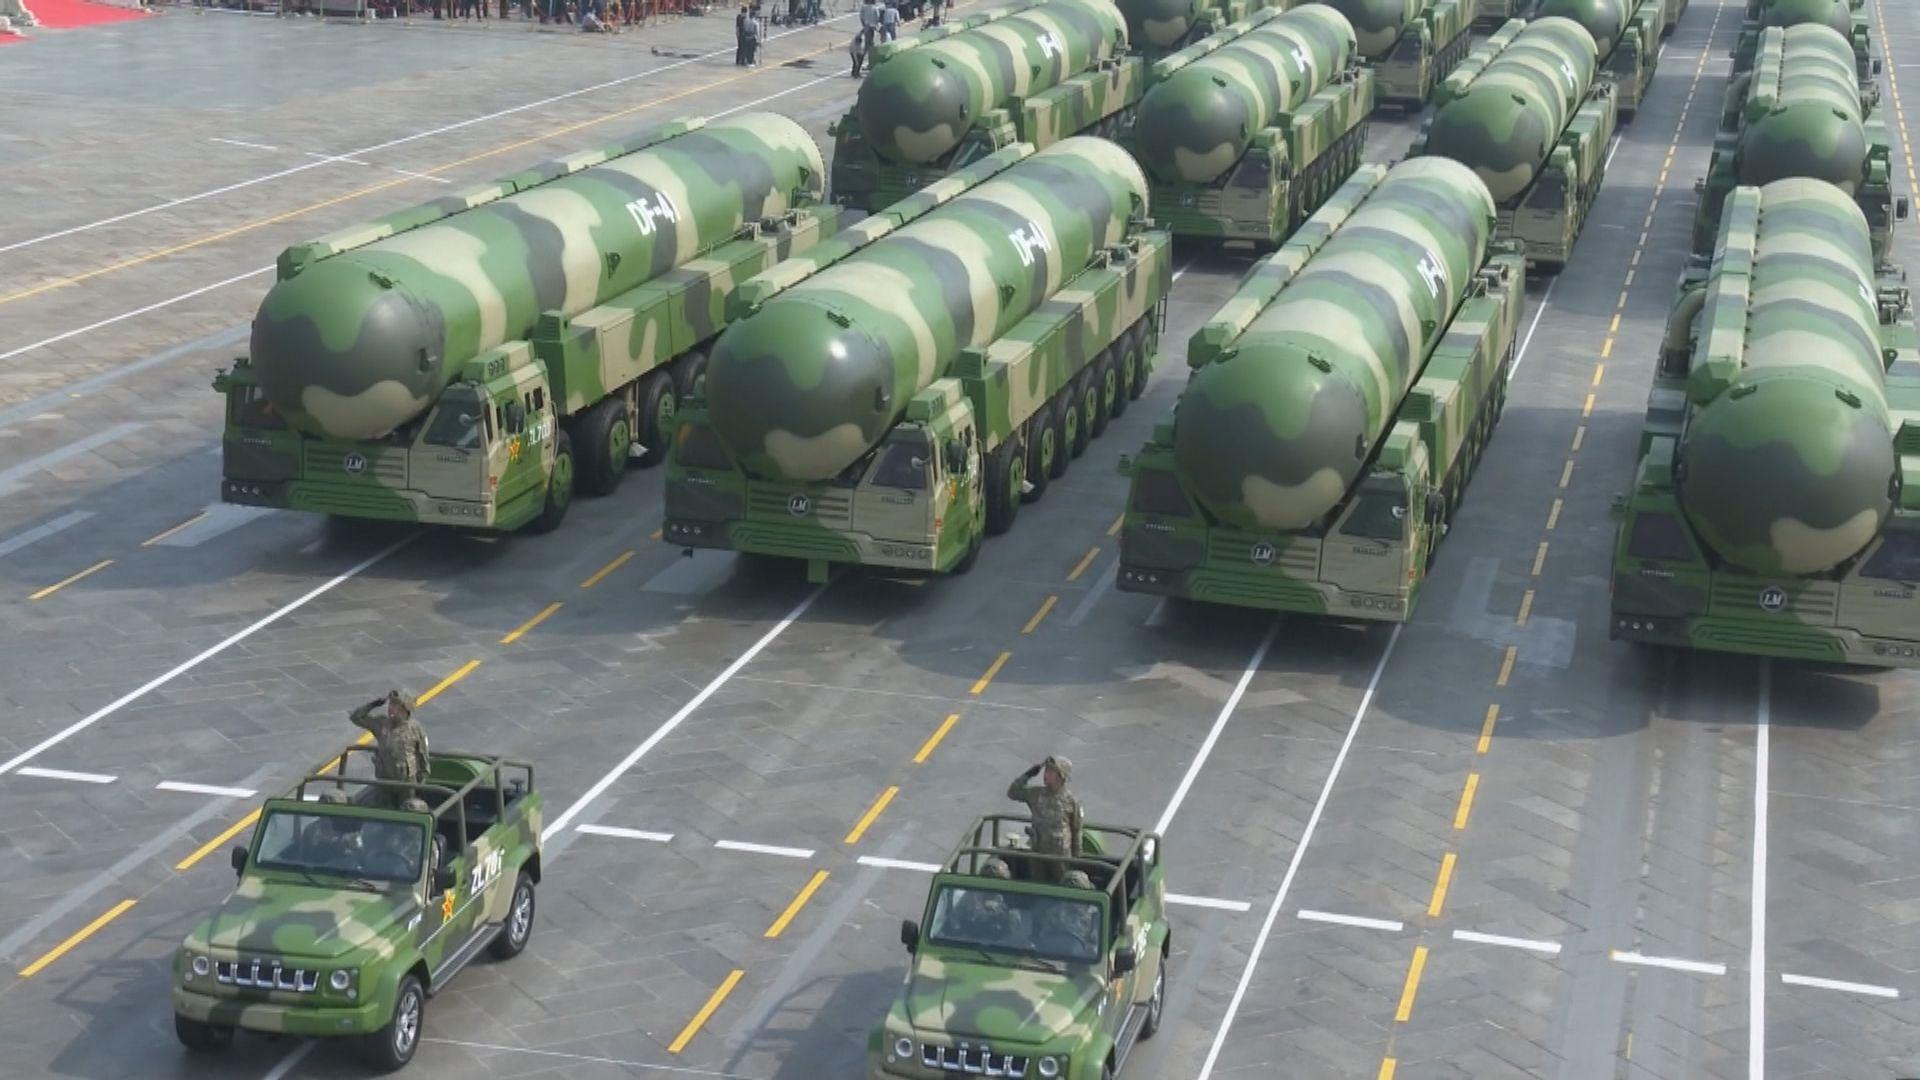 中國被指試射高超音速導彈 外交部稱是例行航天器試驗